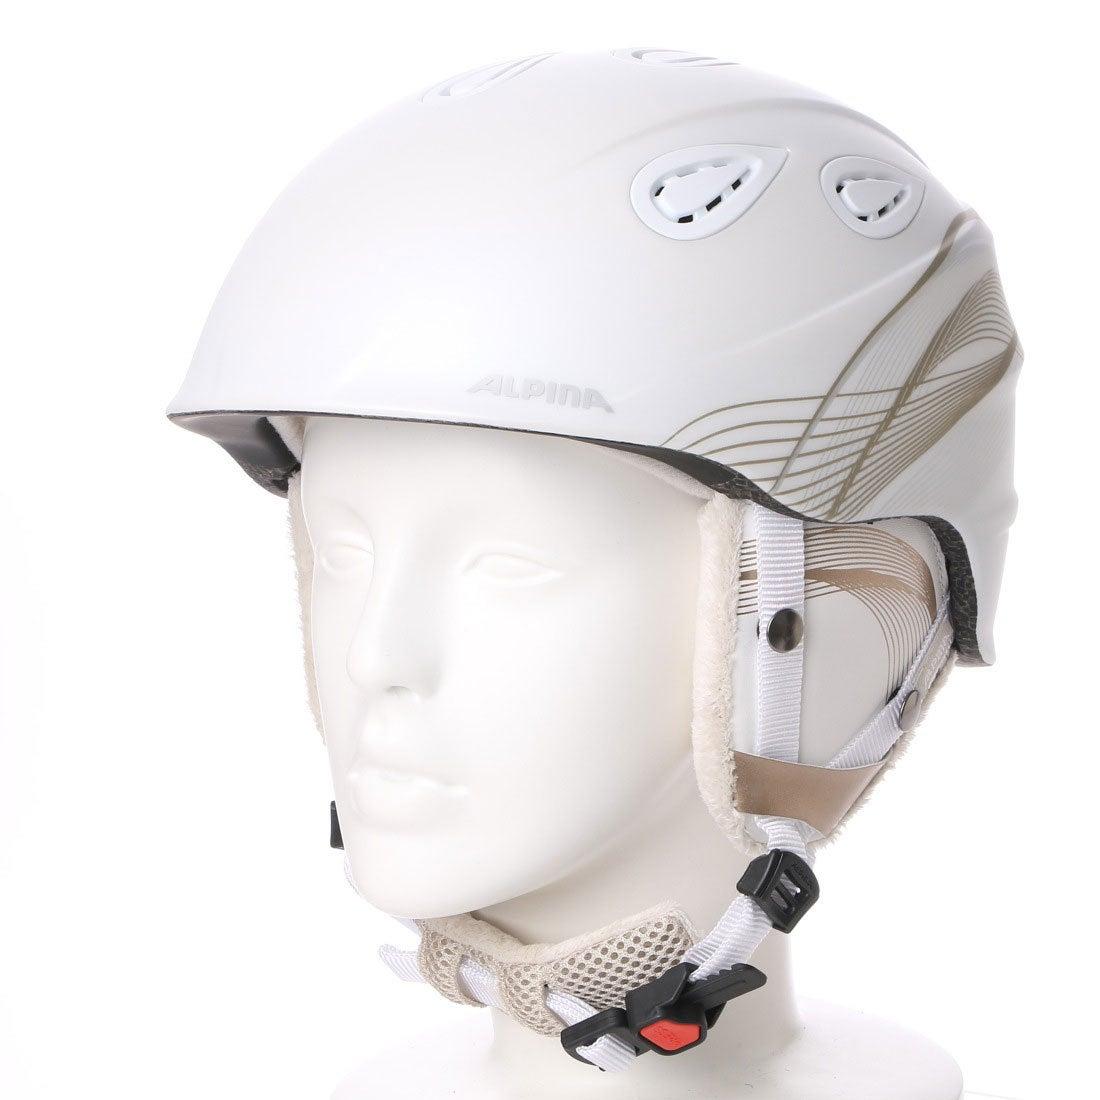 ウベックス UVEX ユニセックス スキー/スノーボード ヘルメット GRAP 2.0 A9085310 113